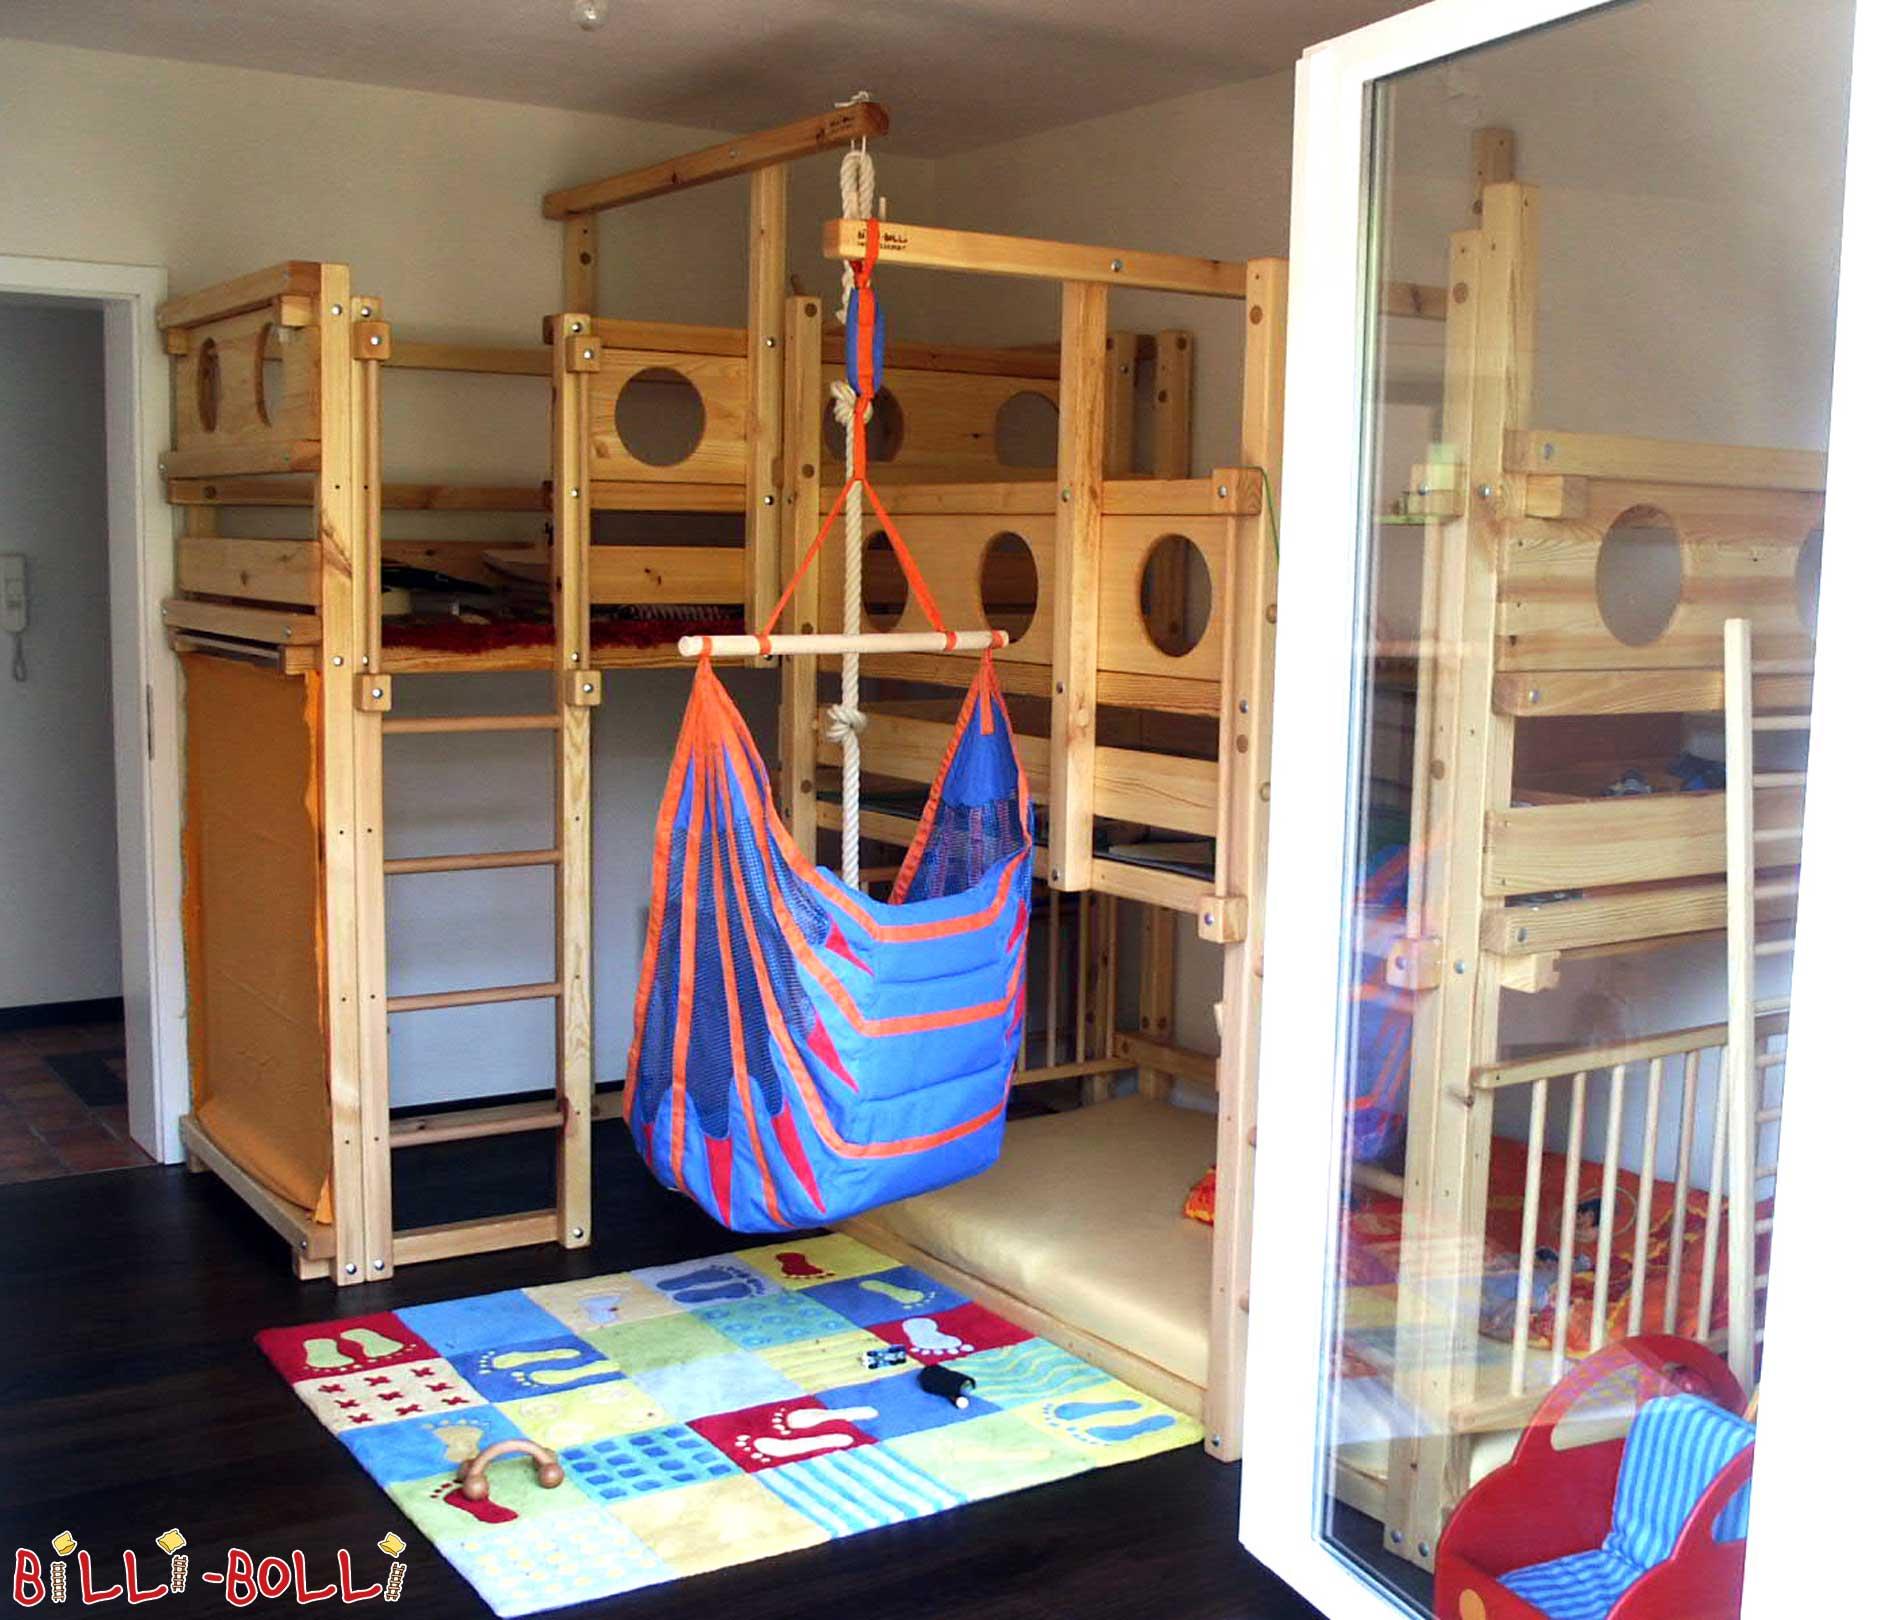 Letto a castello mobili per bambini da billi bolli - Letto a castello a tre ...